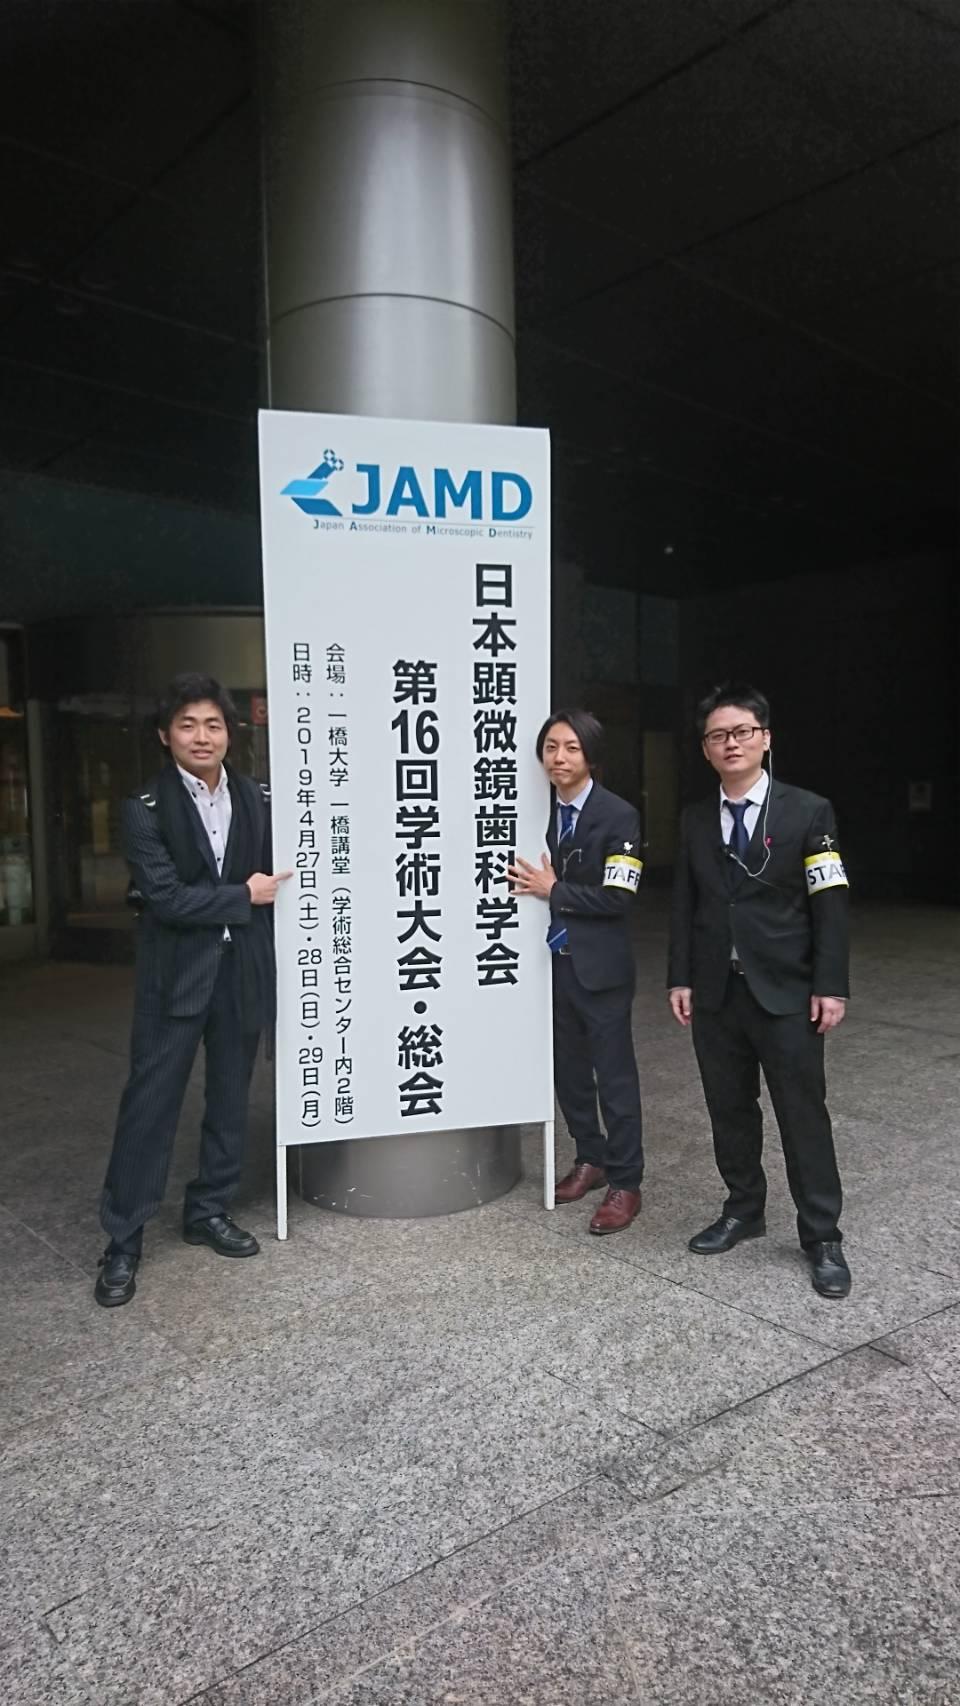 日本顕微鏡歯科学会に行って参りました